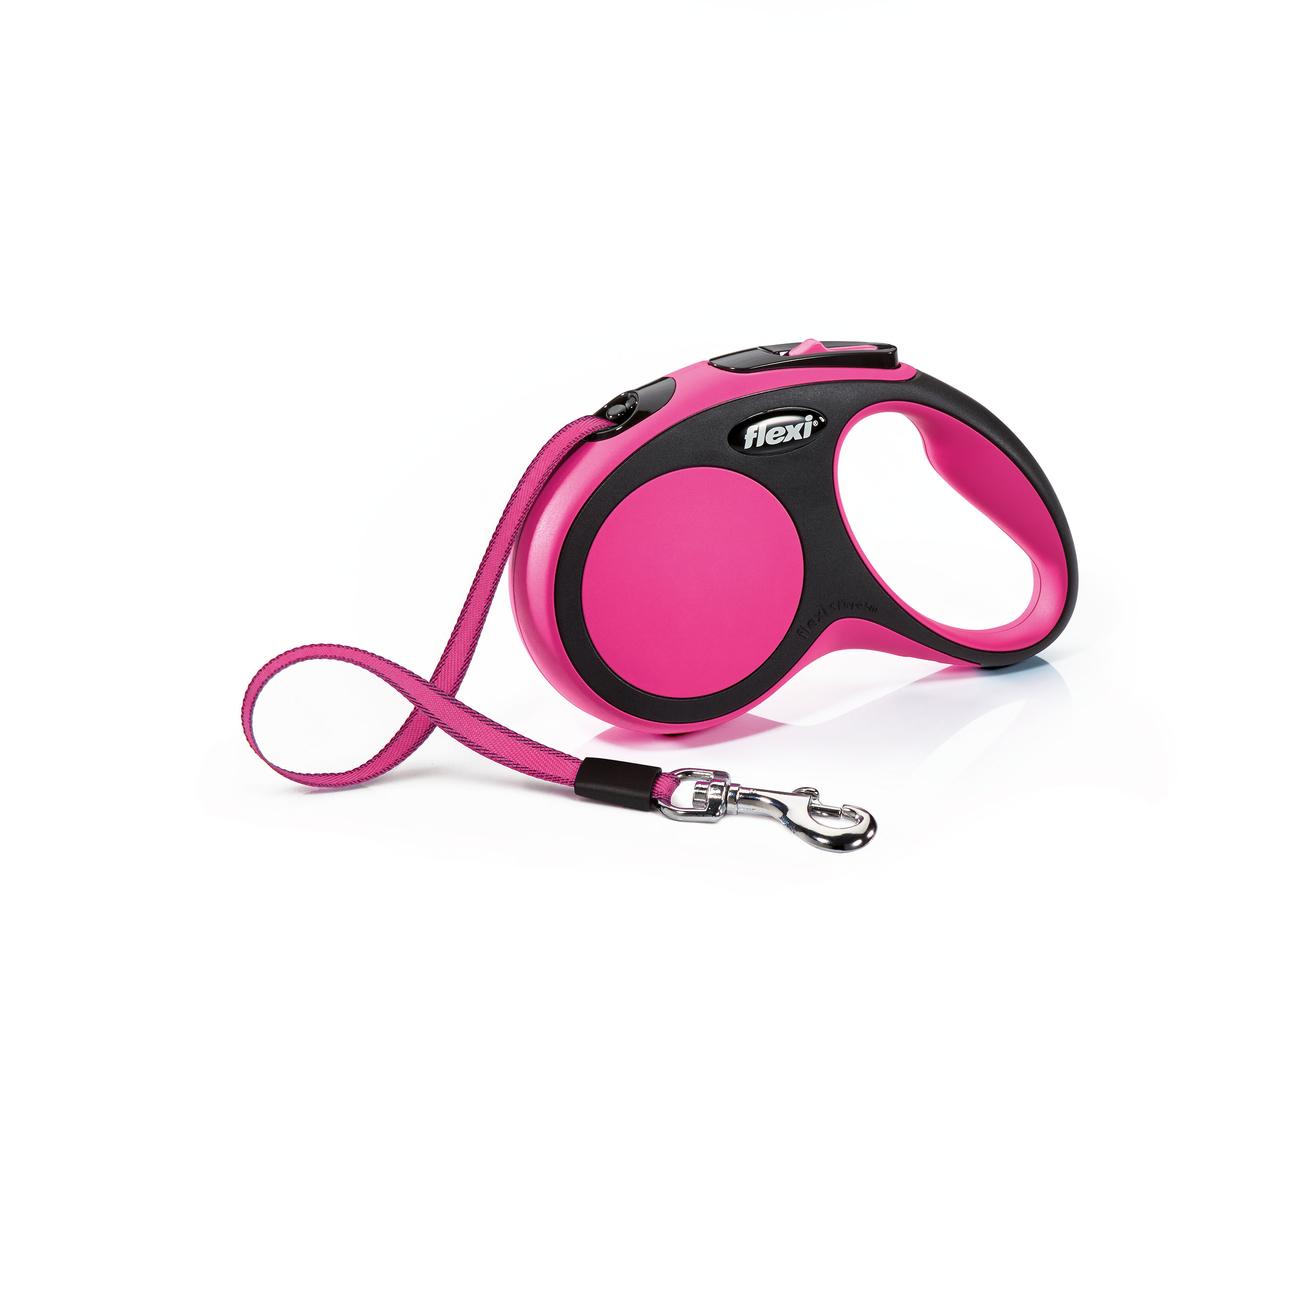 flexi New Comfort Gurt Rollleine, XS: 3 m, pink